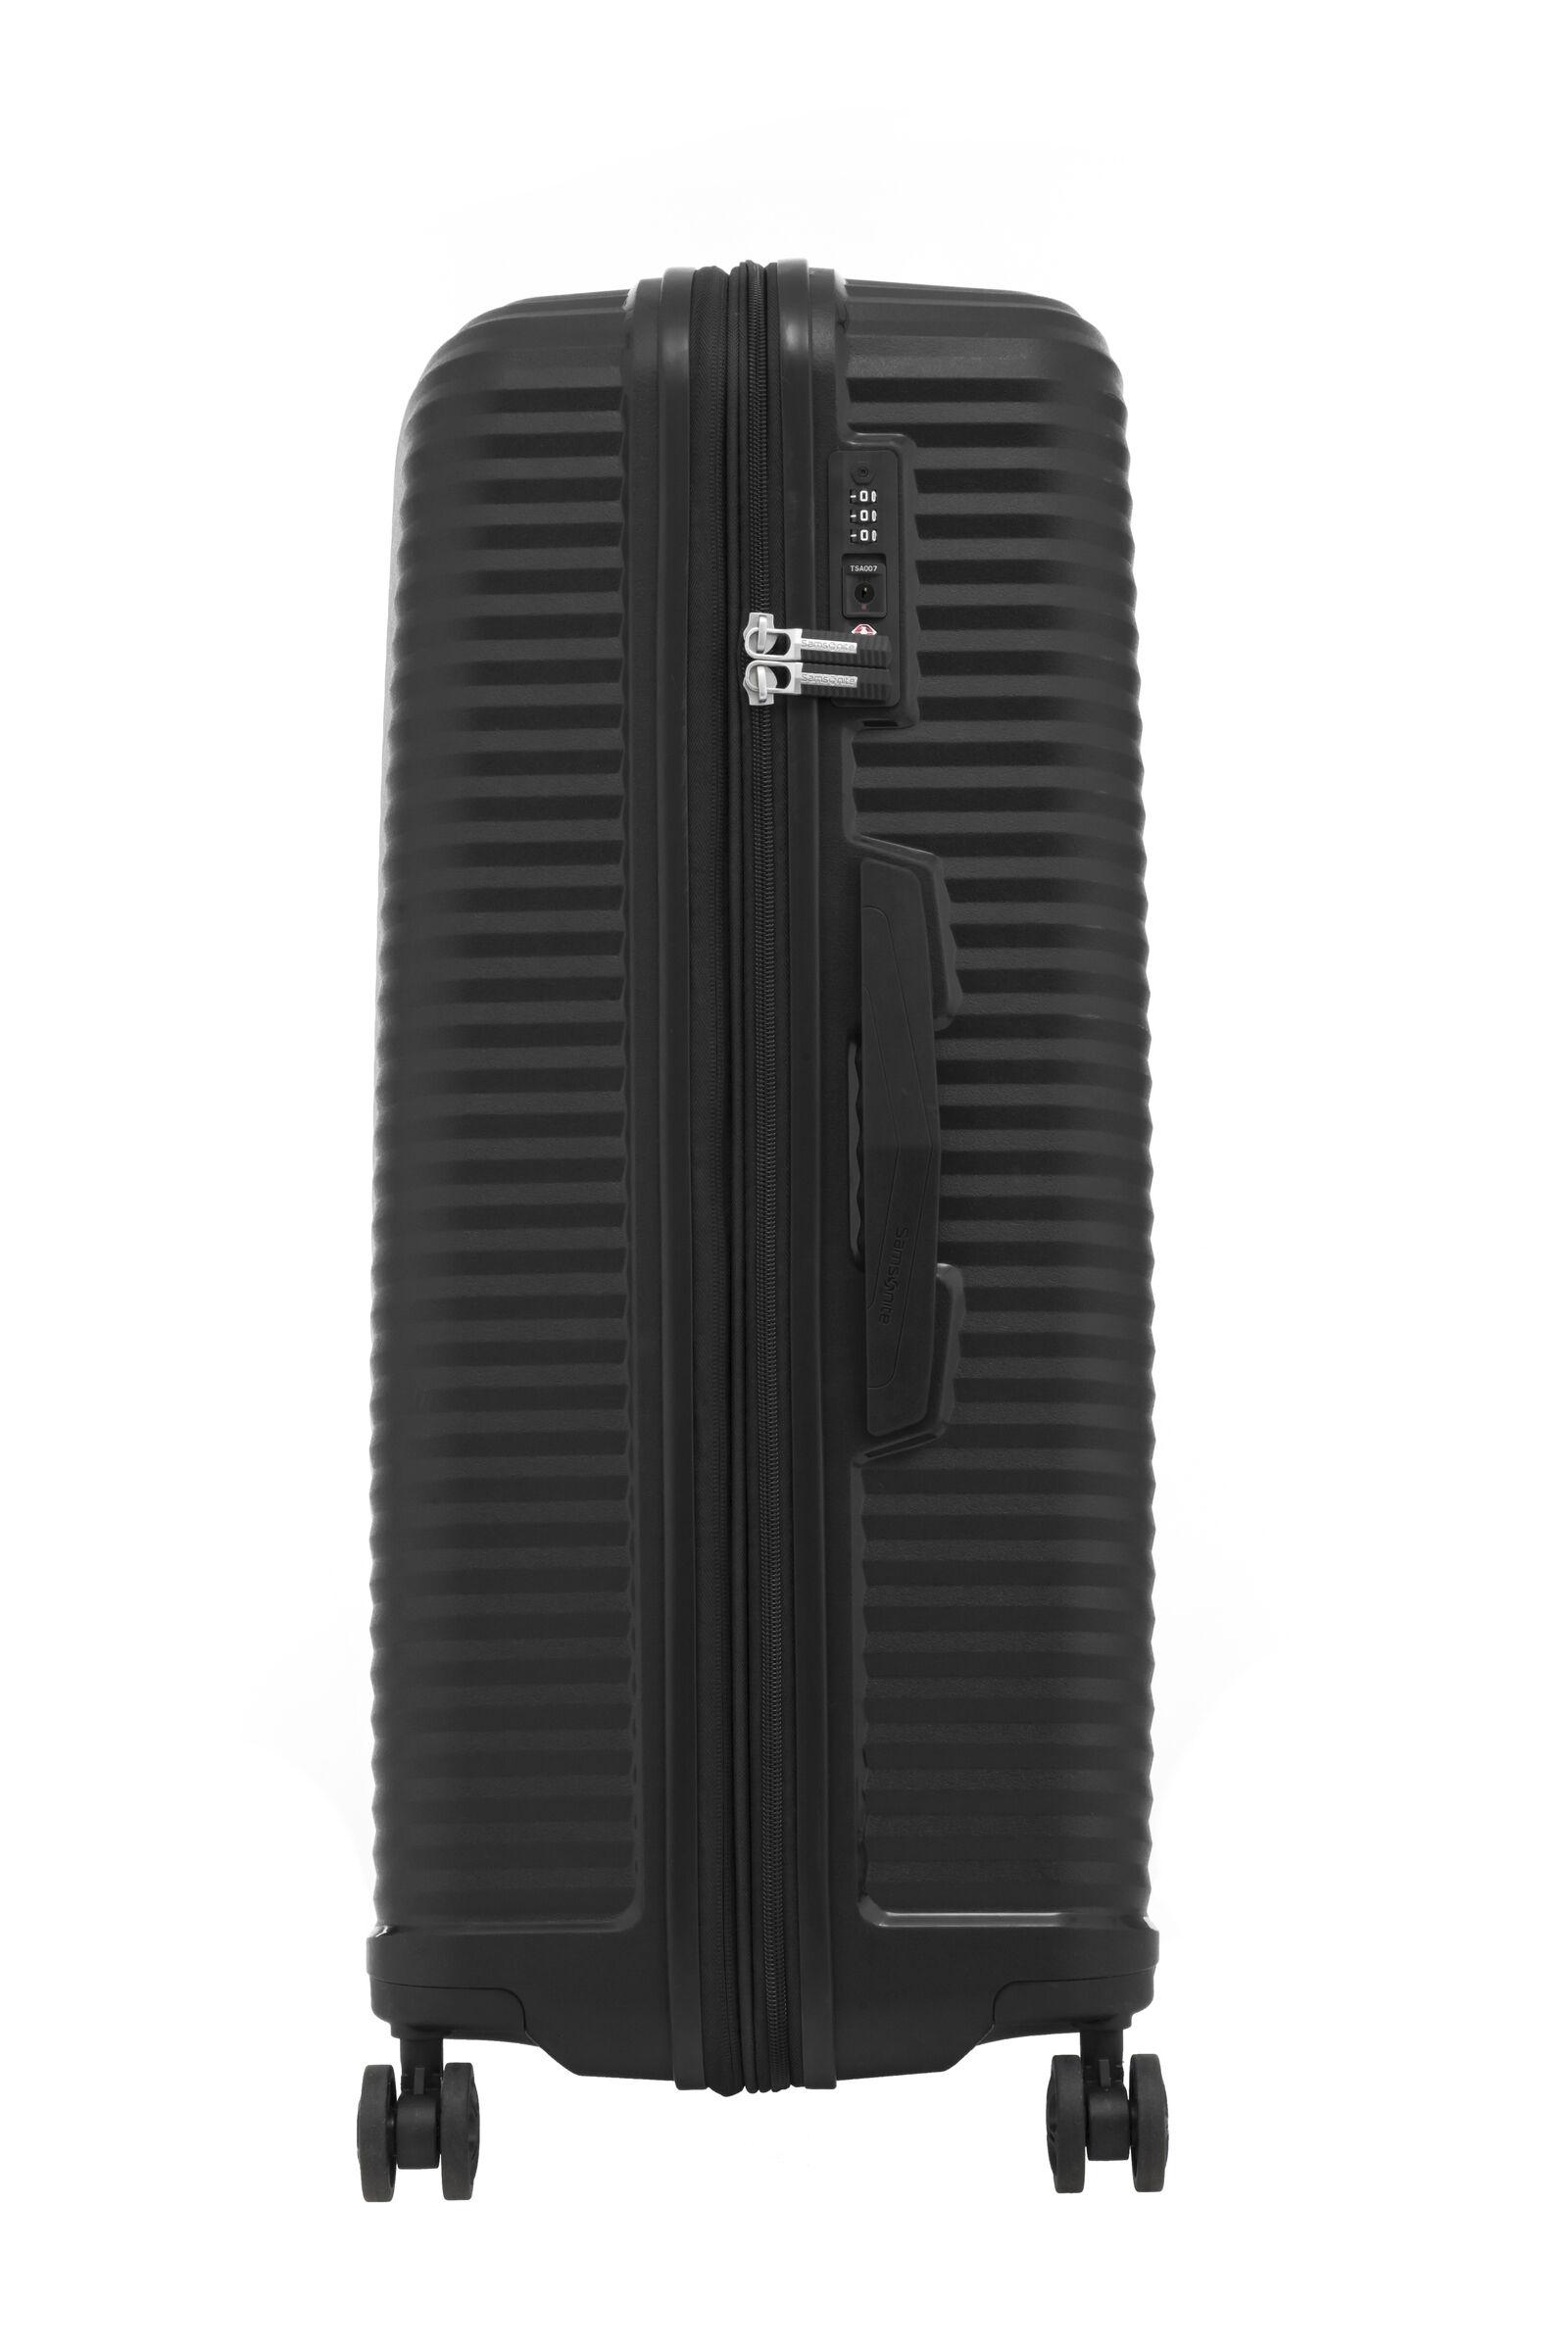 Samsonite VARRO 28吋行李箱 | Samsonite Taiwan